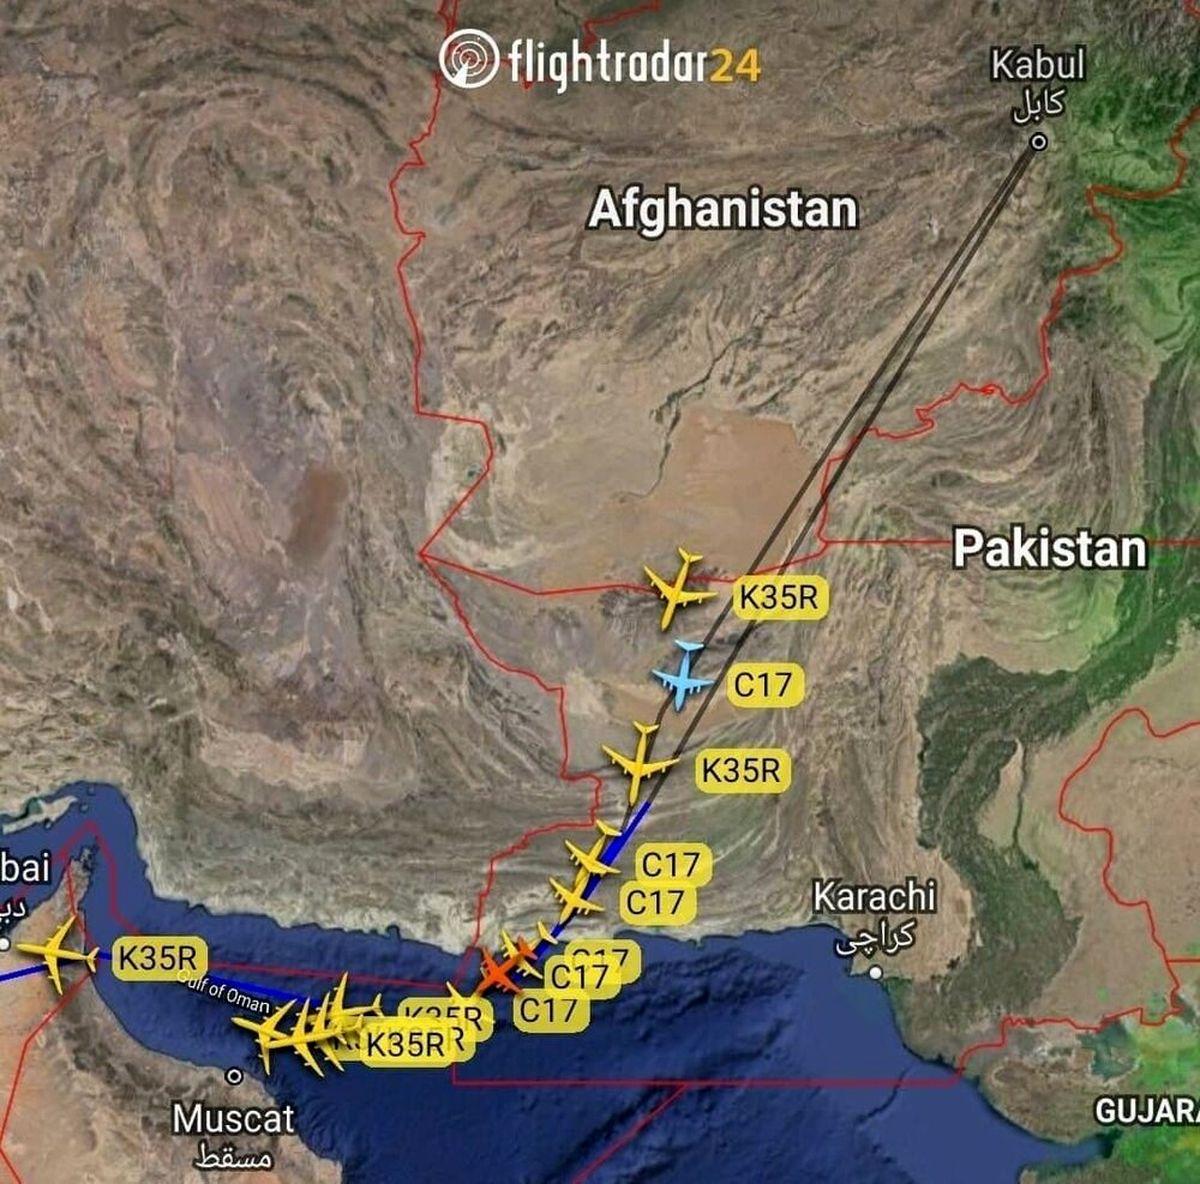 مسیر هواپیماهای آمریکایی در خروج از افغانستان